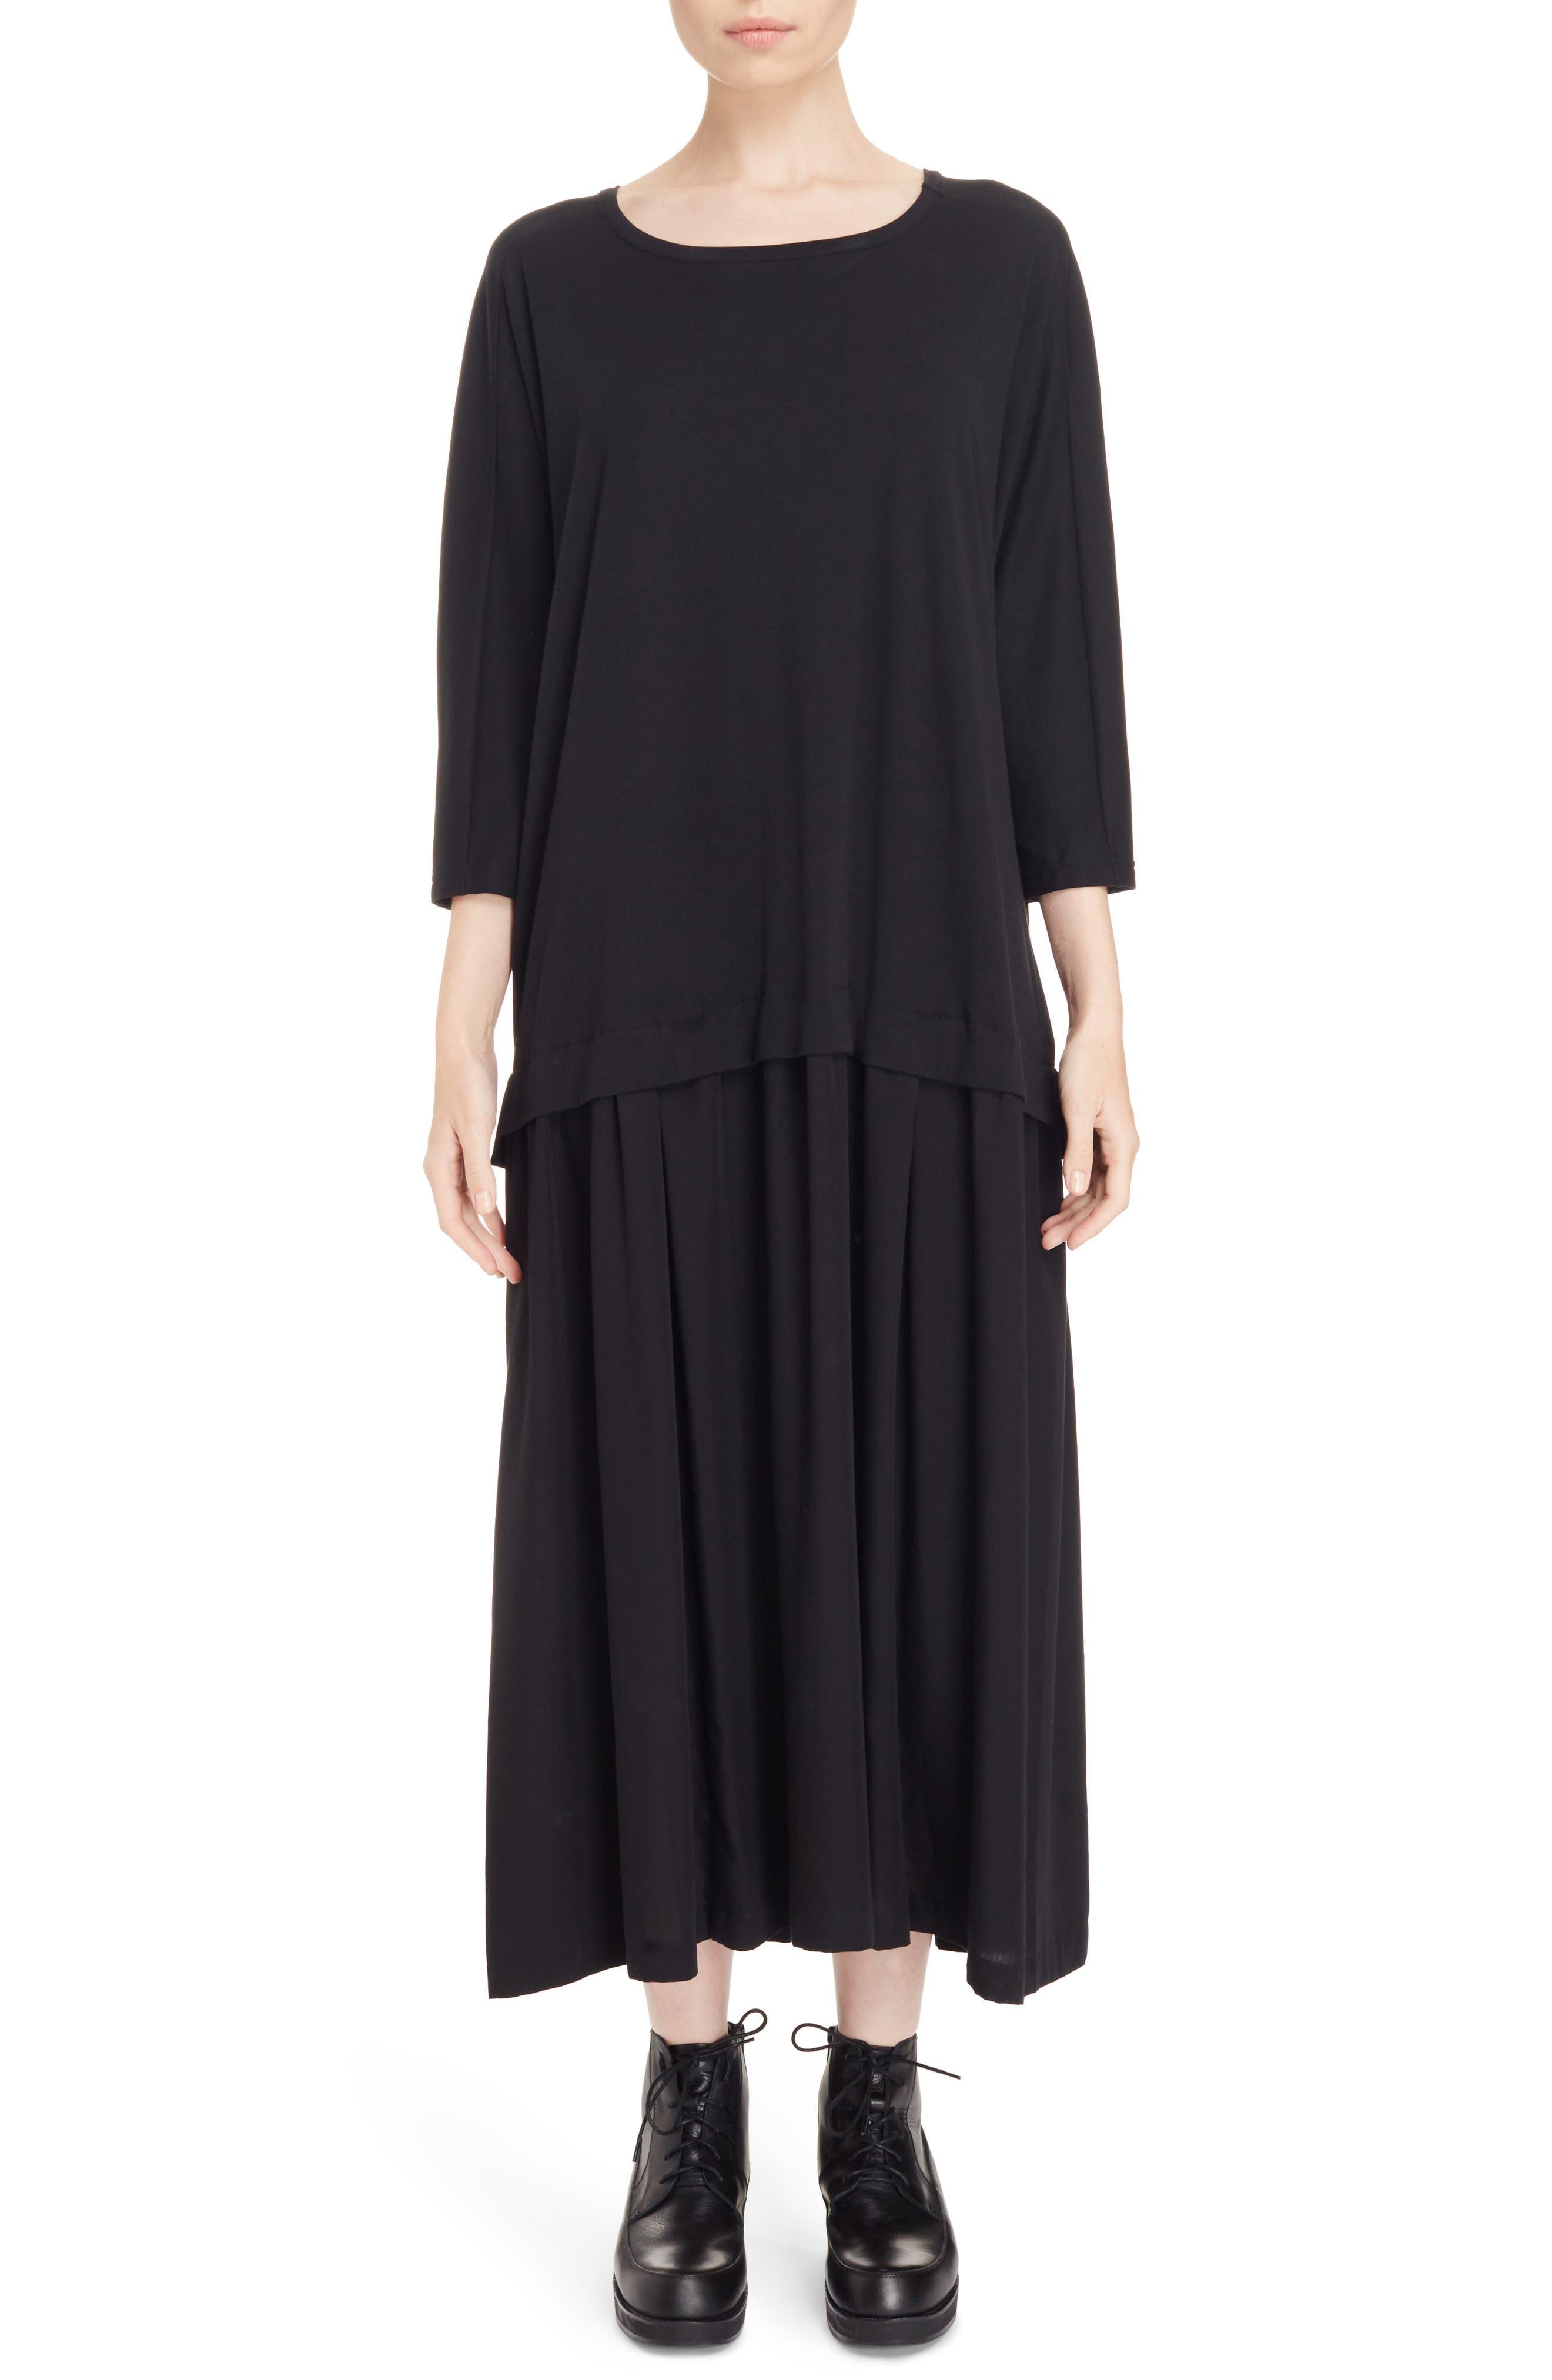 Y's by Yohji Yamamoto Shirtdress